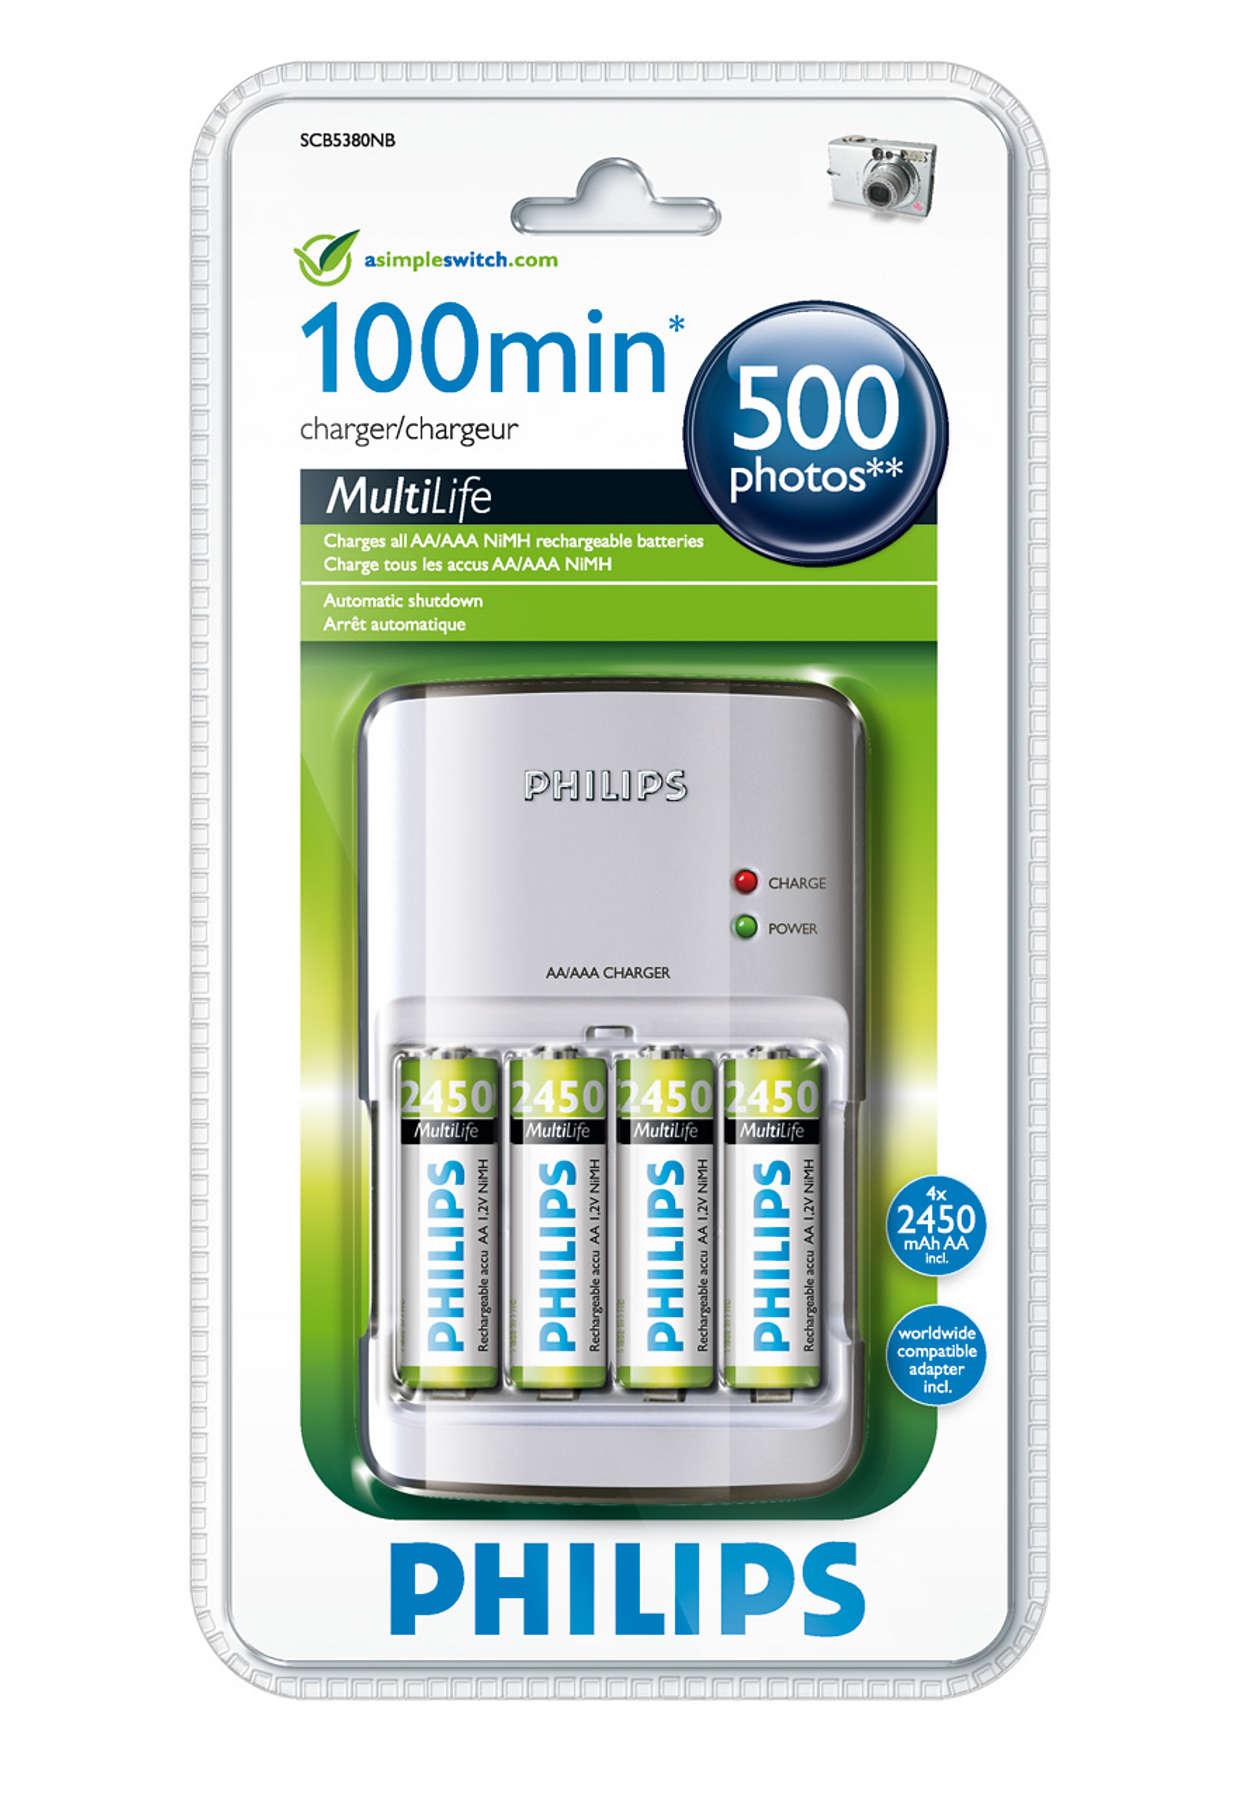 Laddar batterier på mindre än 100 minuter